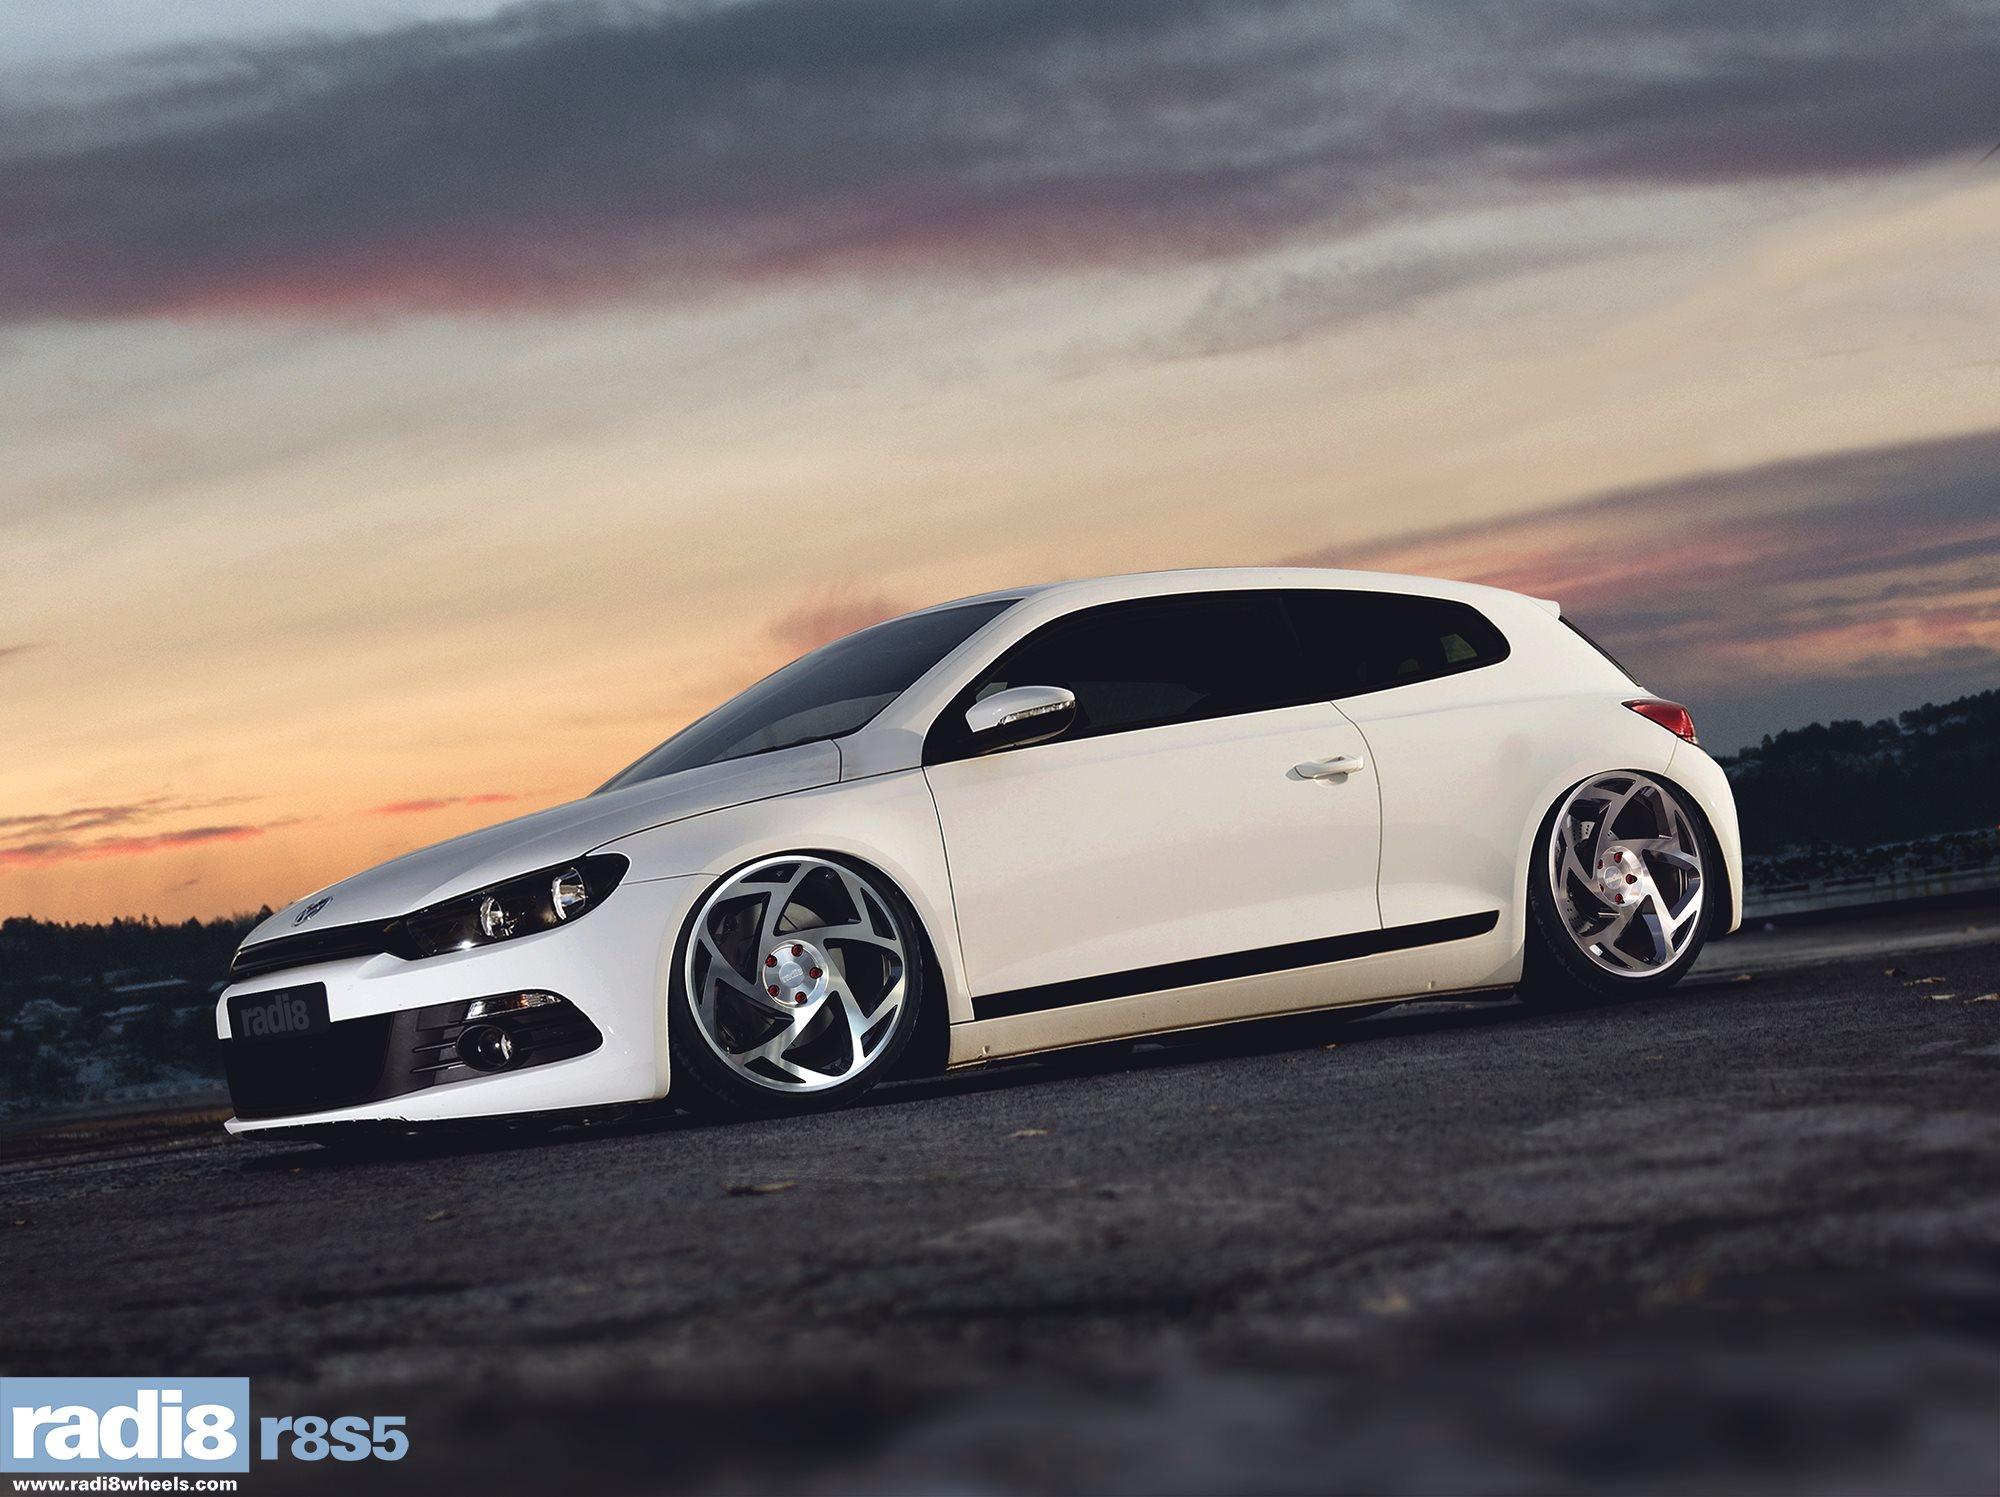 Radi8 R8S5 Wheels - Volkswagen Scirocco